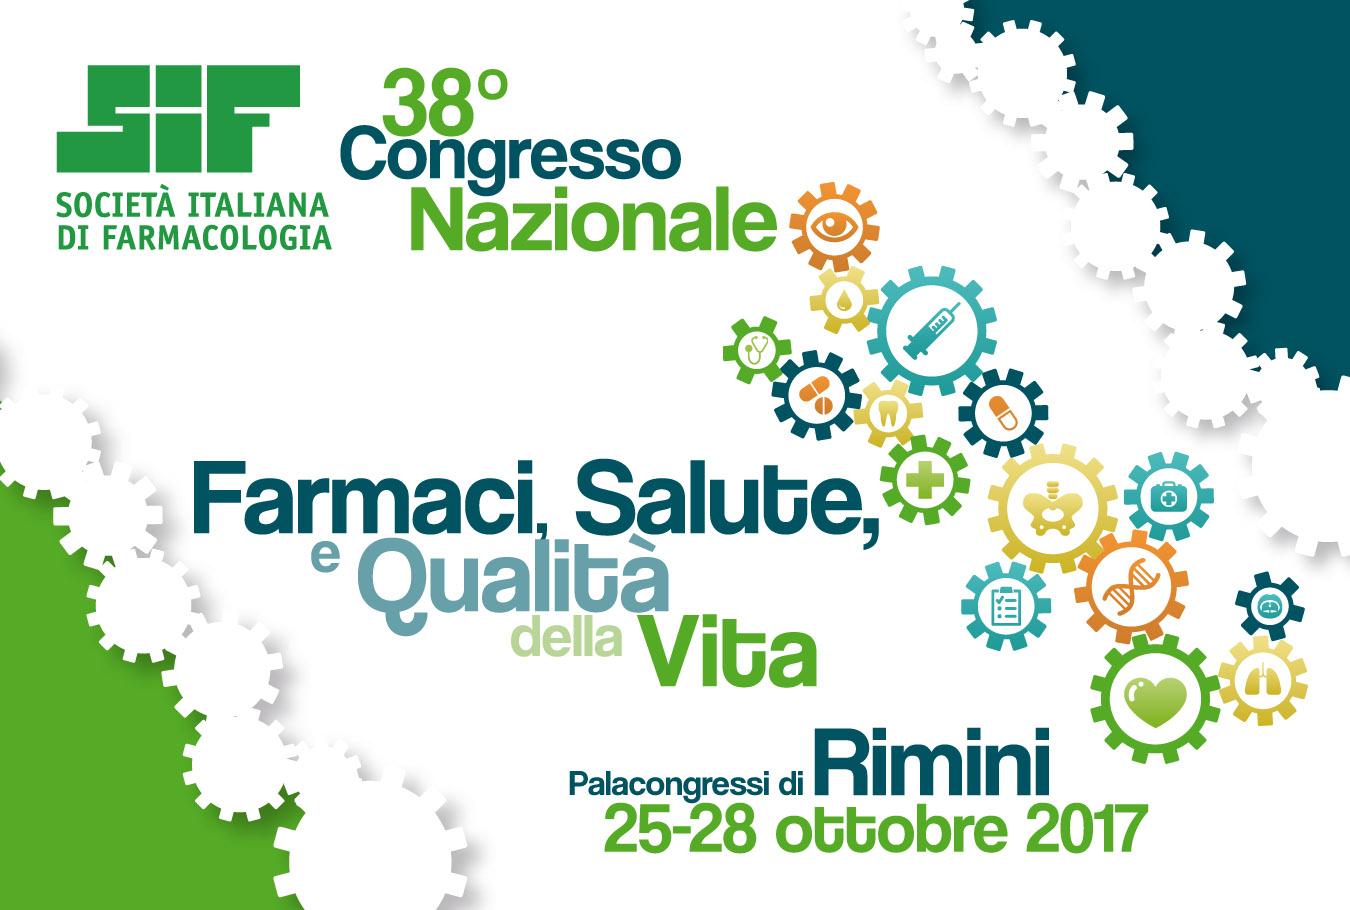 SIF 2017: 38° Congresso Nazionale della Società Italiana di Farmacologia | Hotel Corallo Rimini